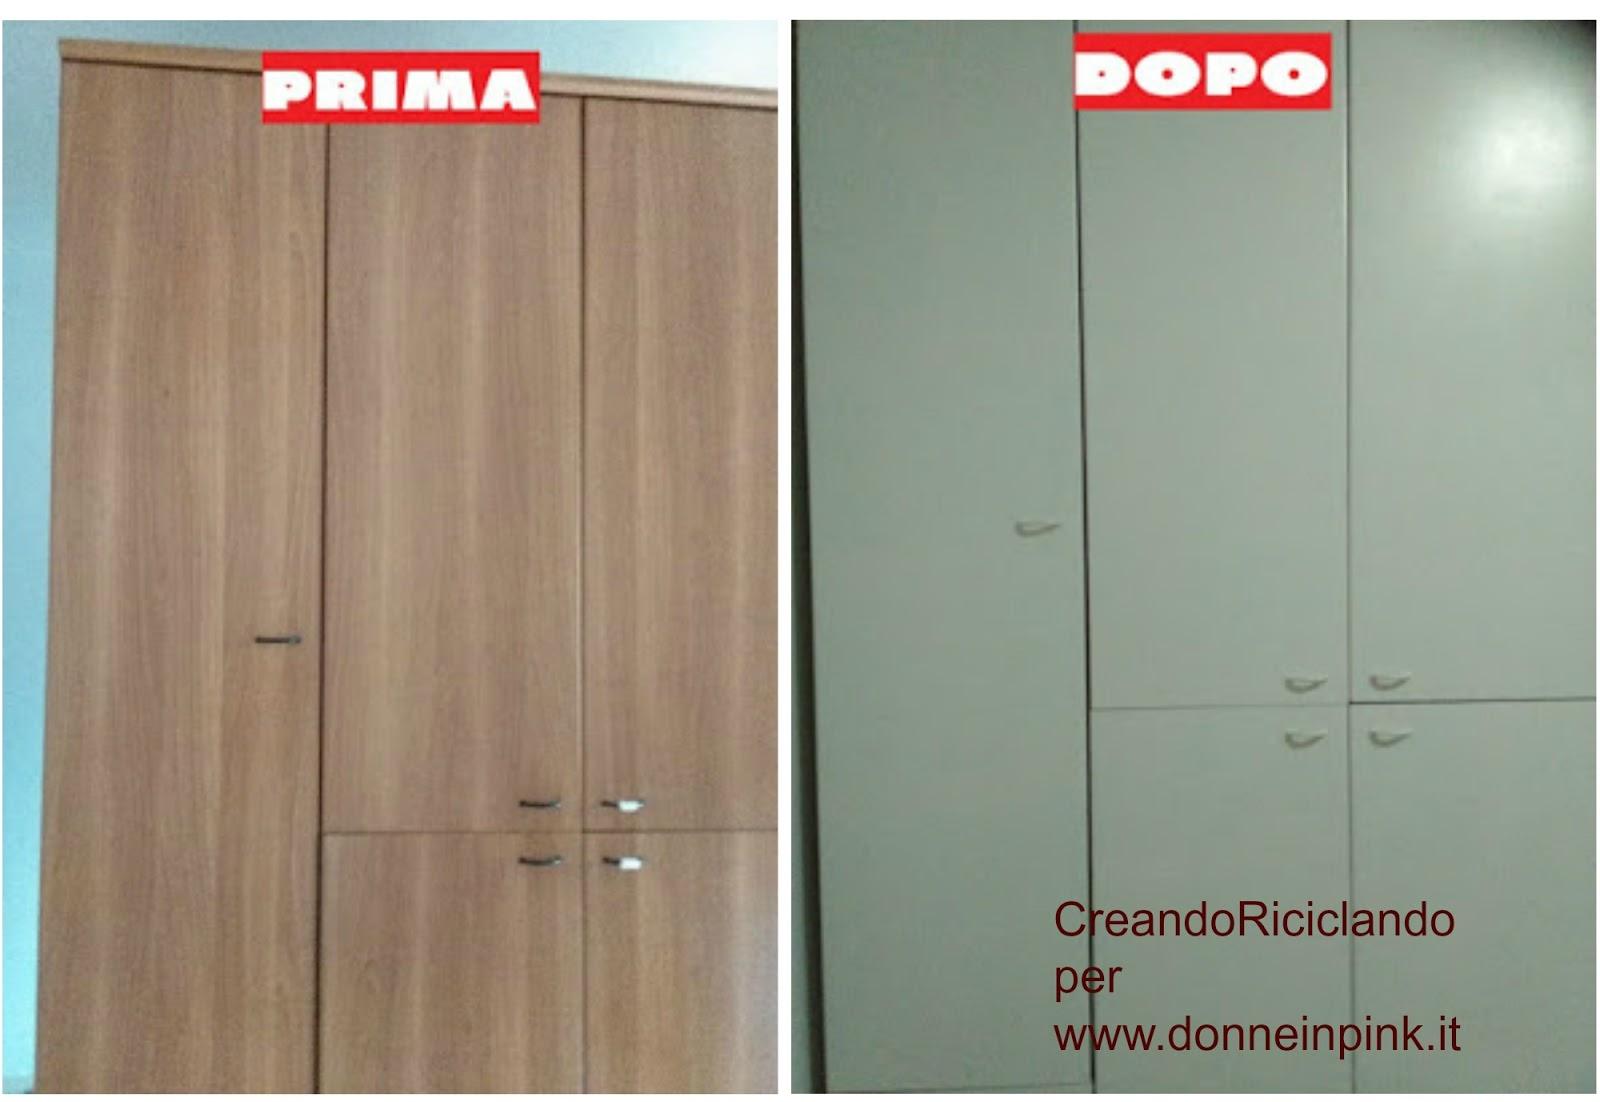 Come cambiare colore al vecchio armadio | donneinpink magazine